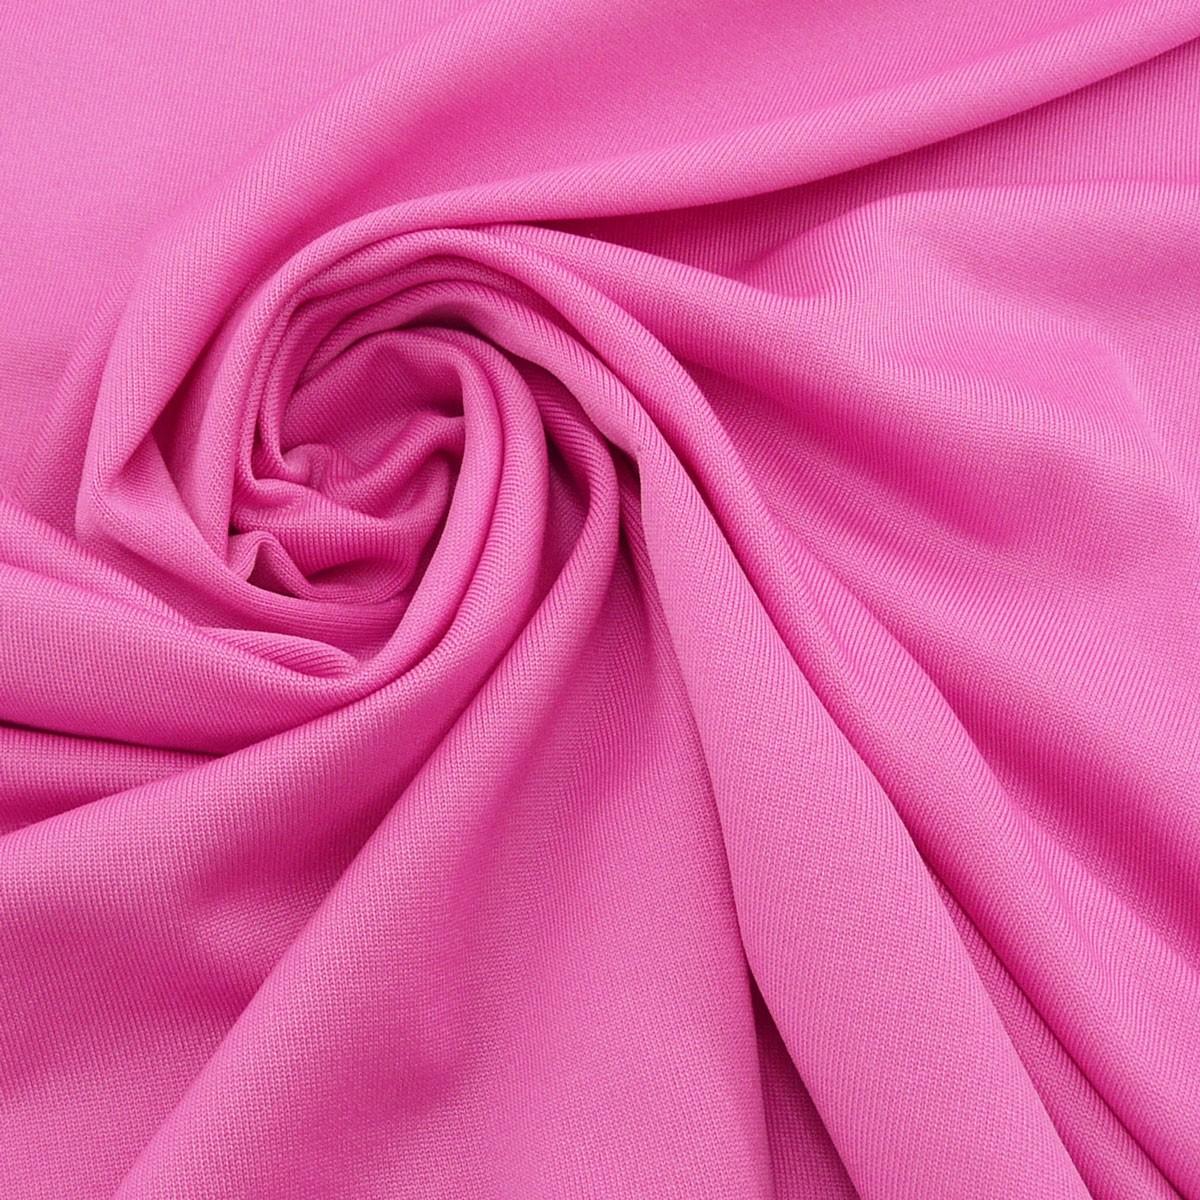 kreativstoff elastic bademodenstoff uni pink 4052612065614 ebay. Black Bedroom Furniture Sets. Home Design Ideas